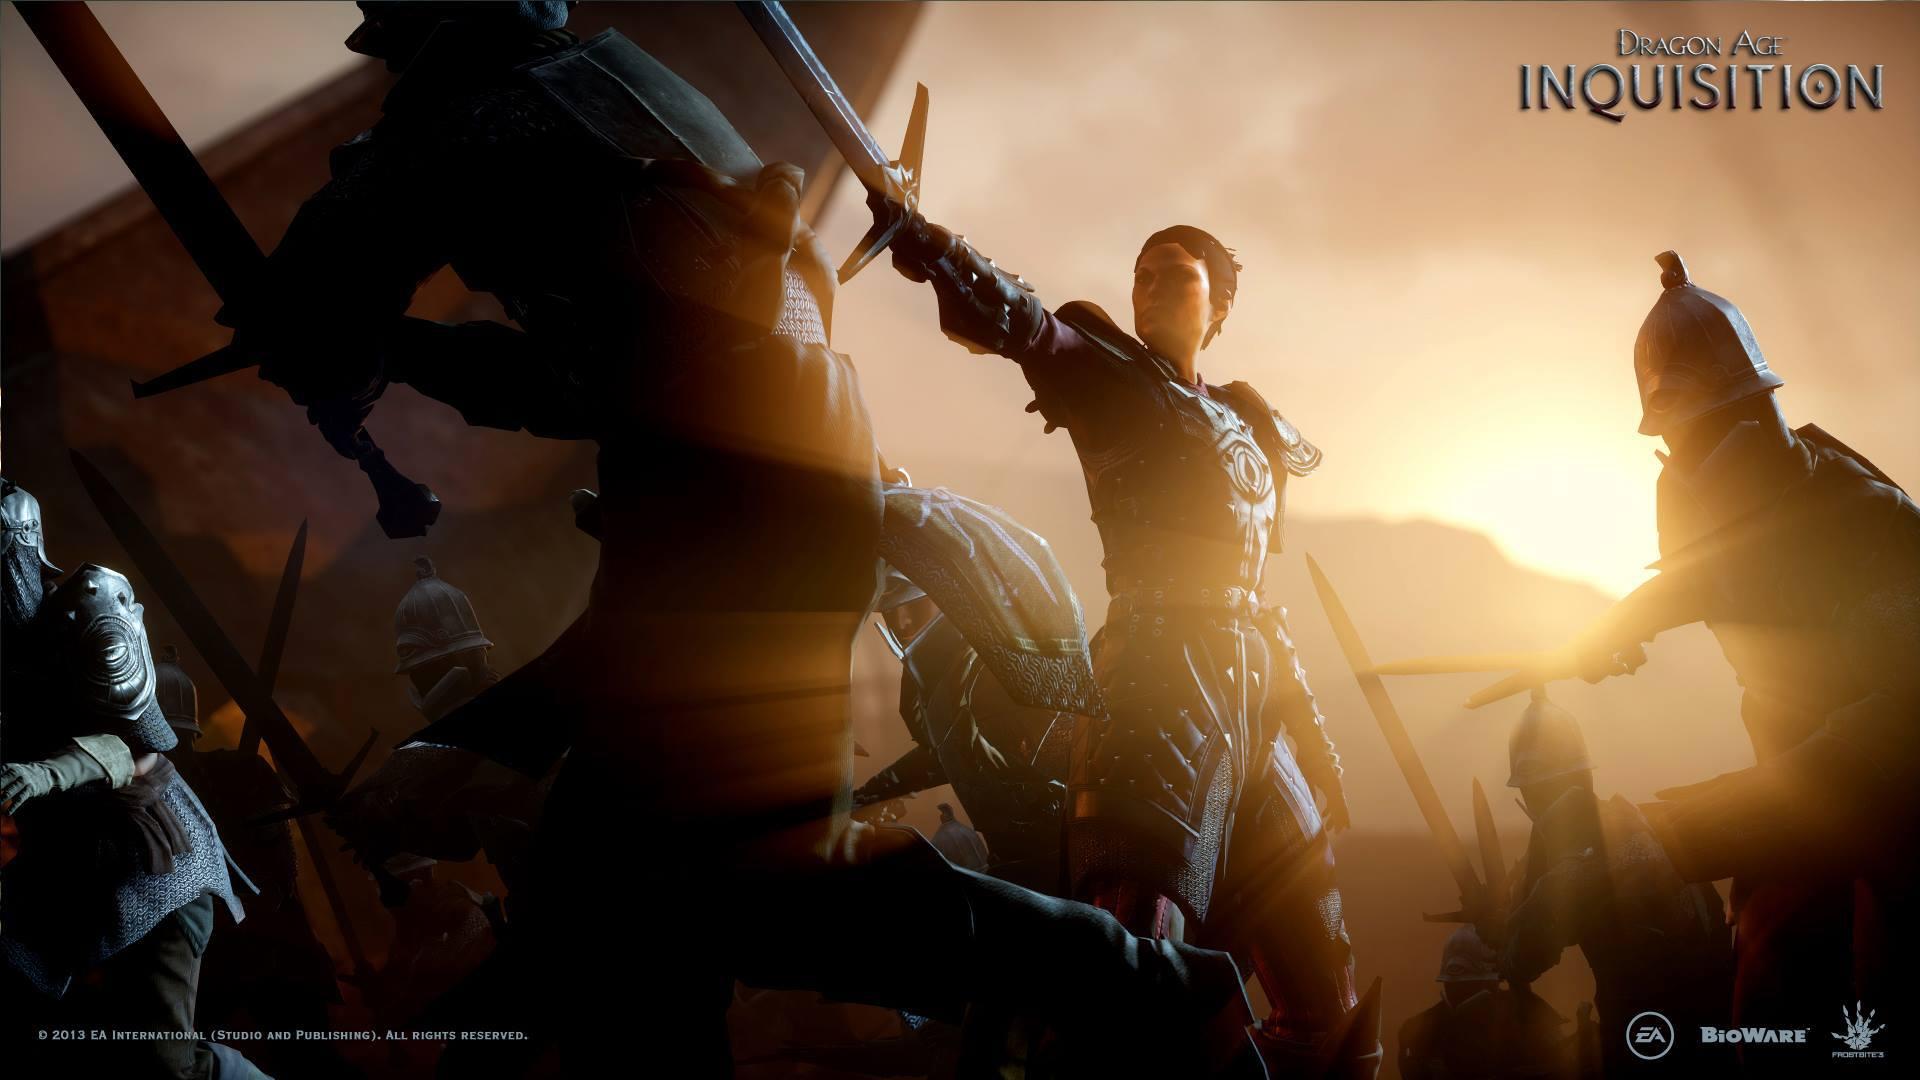 VengefulTemplar/Dragon Age: Inquisition - BioWare lässt euch Festungen erobern